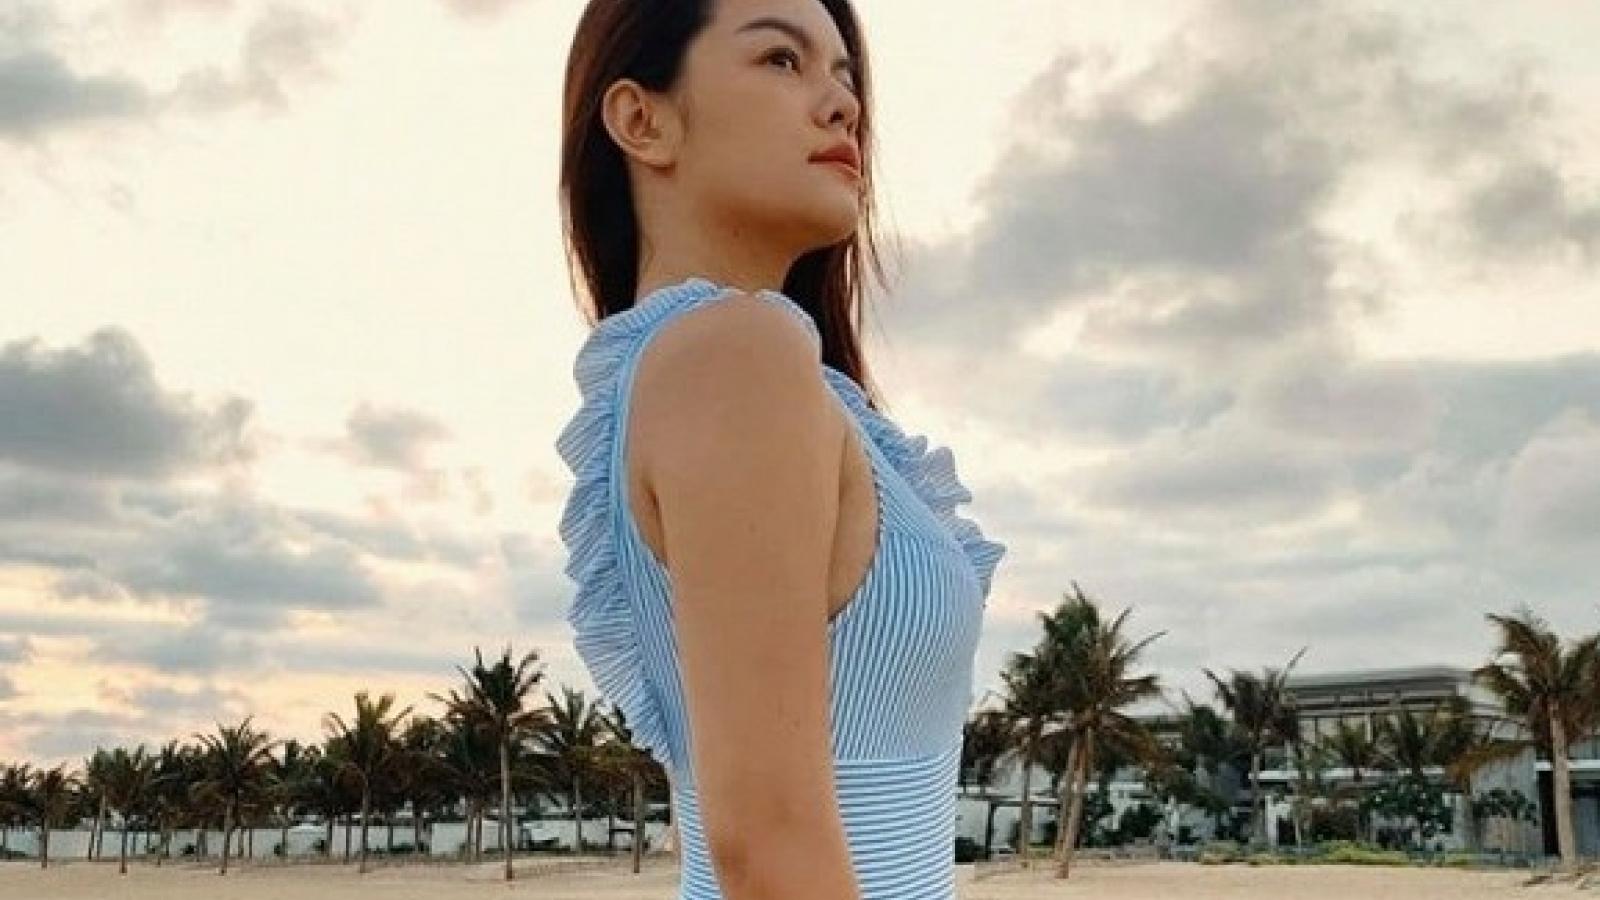 Chuyện showbiz: Phạm Quỳnh Anh mặc áo tắm, phô đường cong mỹ miều